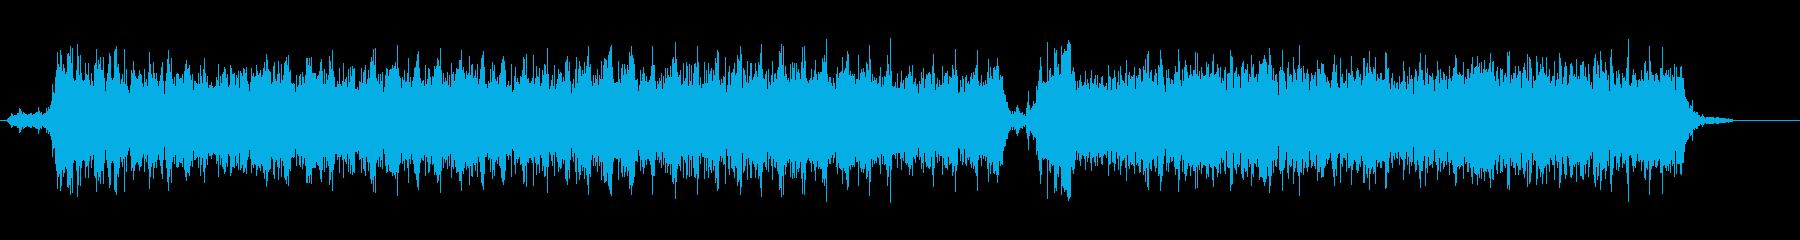 おもちゃのロボットの動作音の再生済みの波形